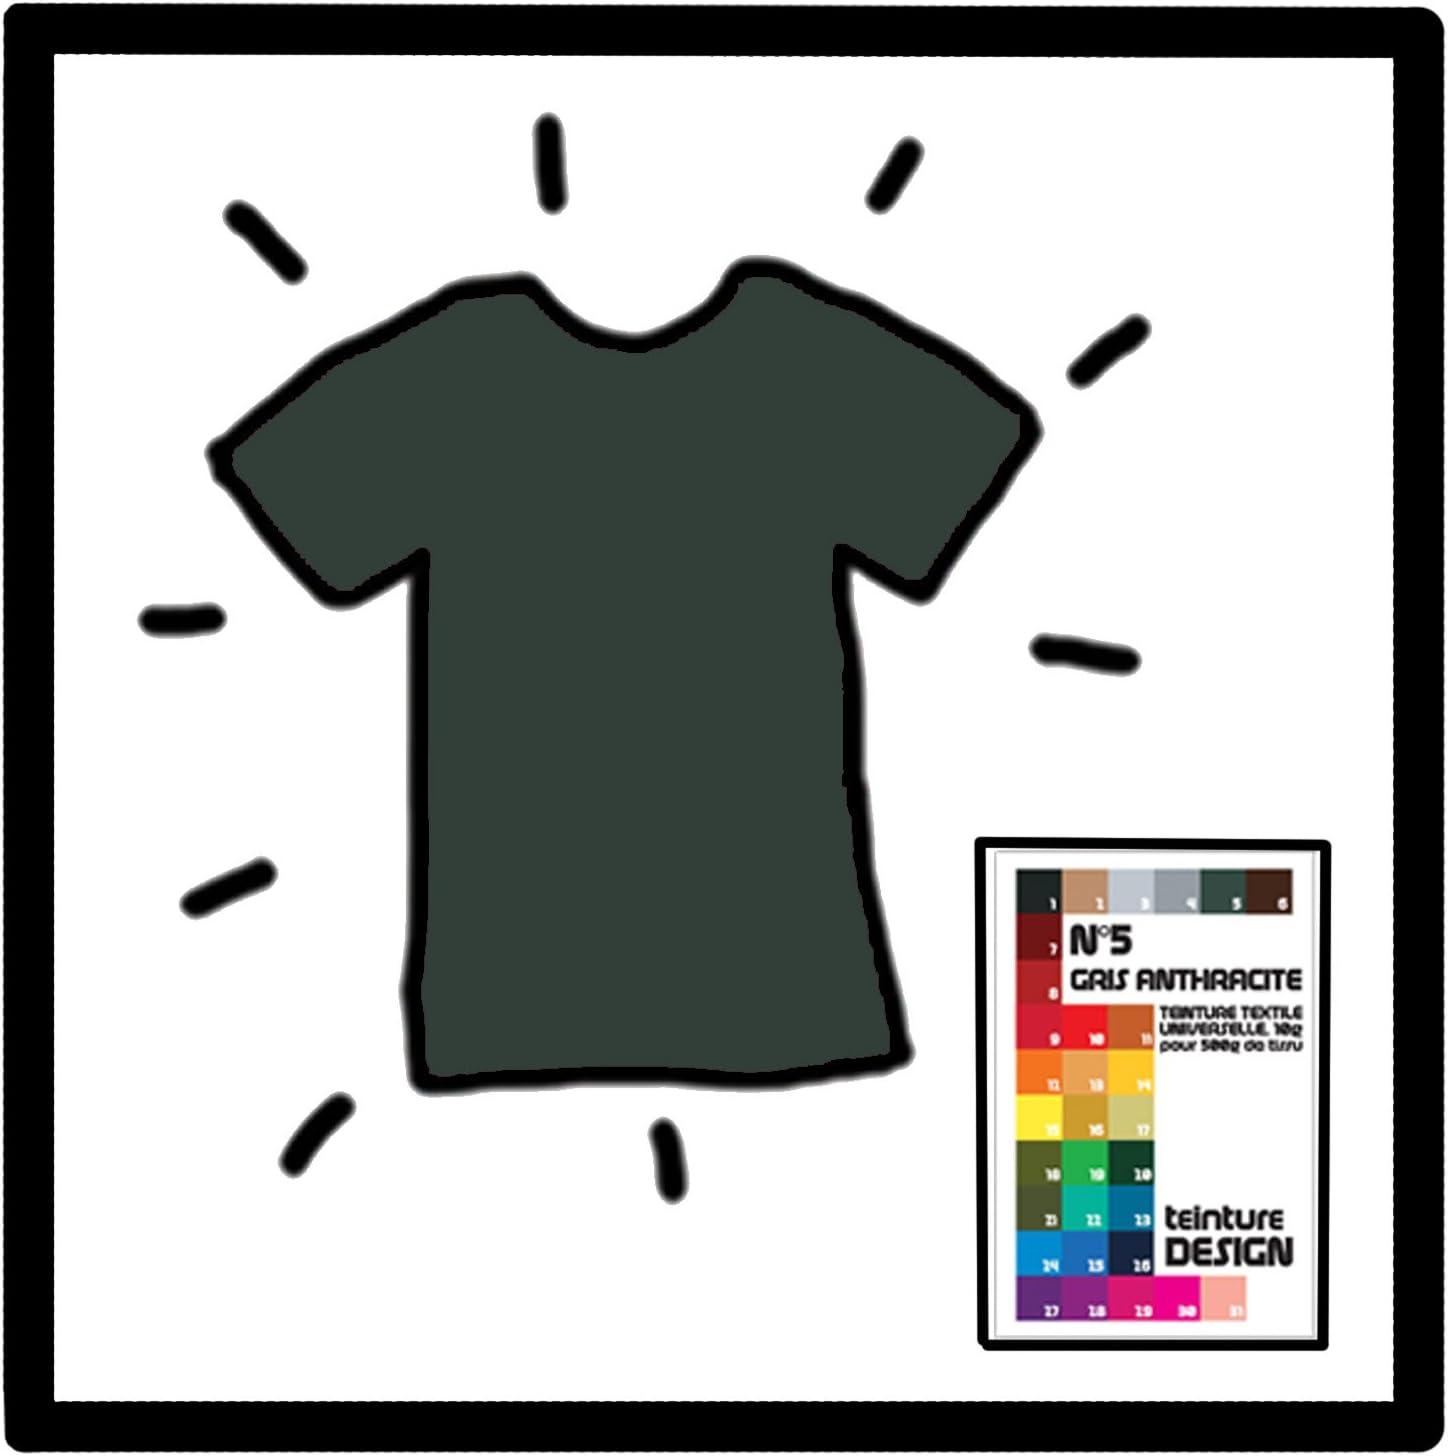 Teinture Design: tinte para tela, color GRIS ANTRACITA